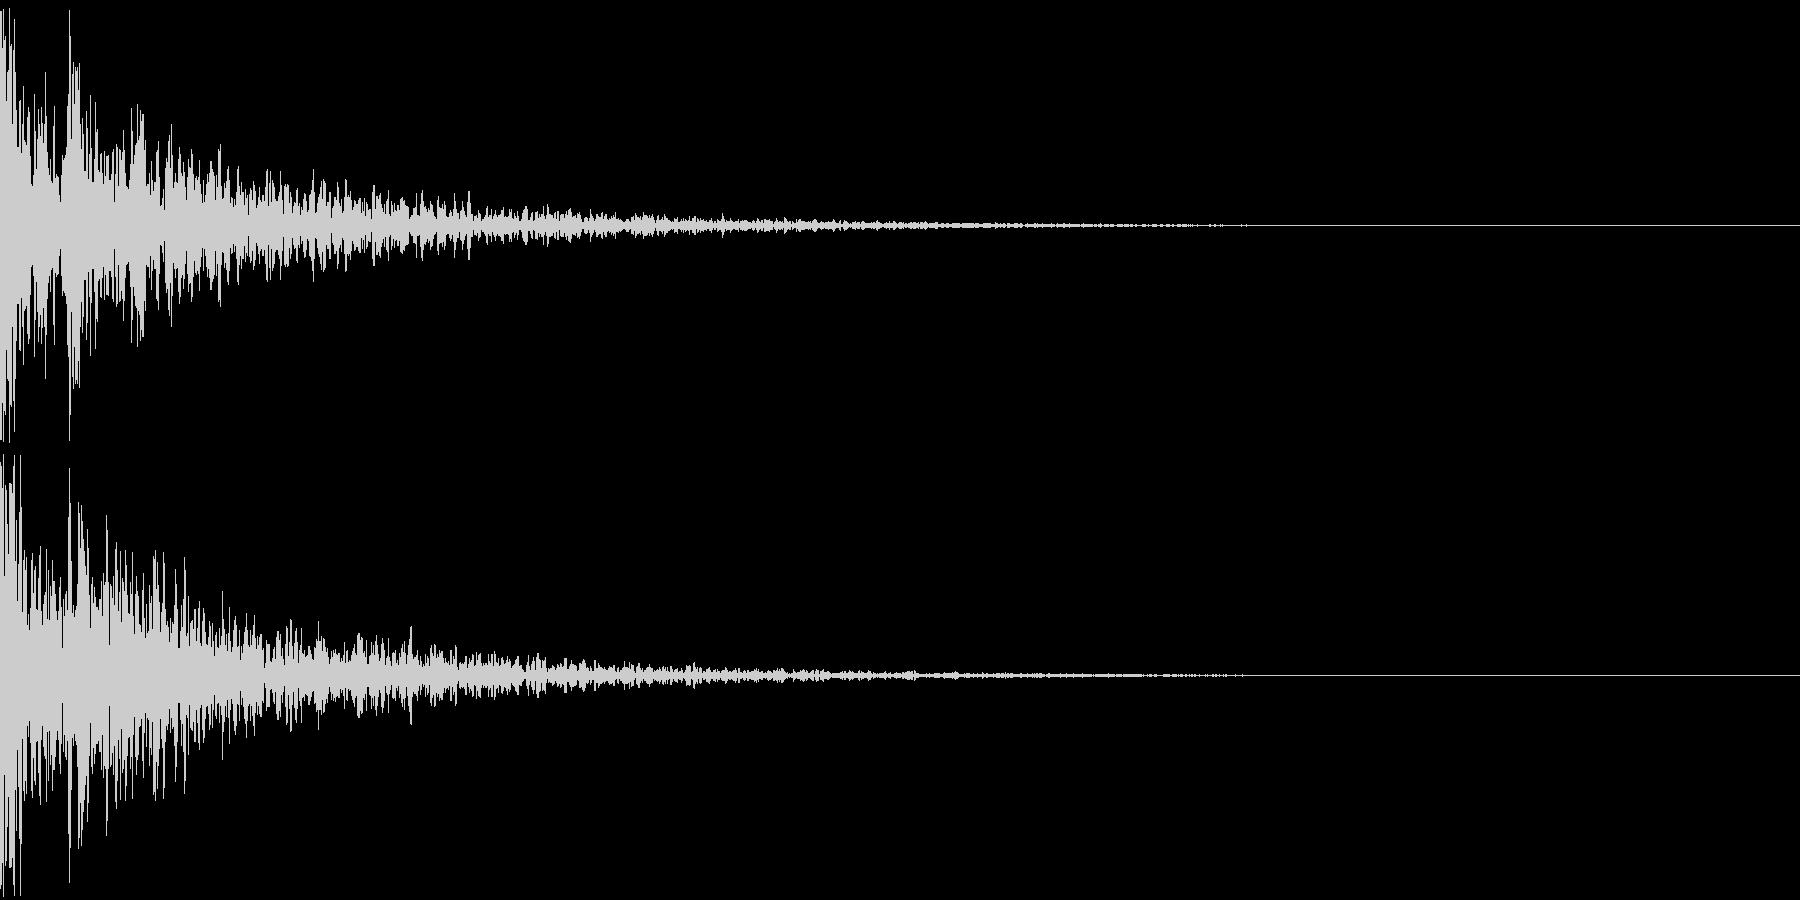 ドーン-09-2(インパクト音)の未再生の波形